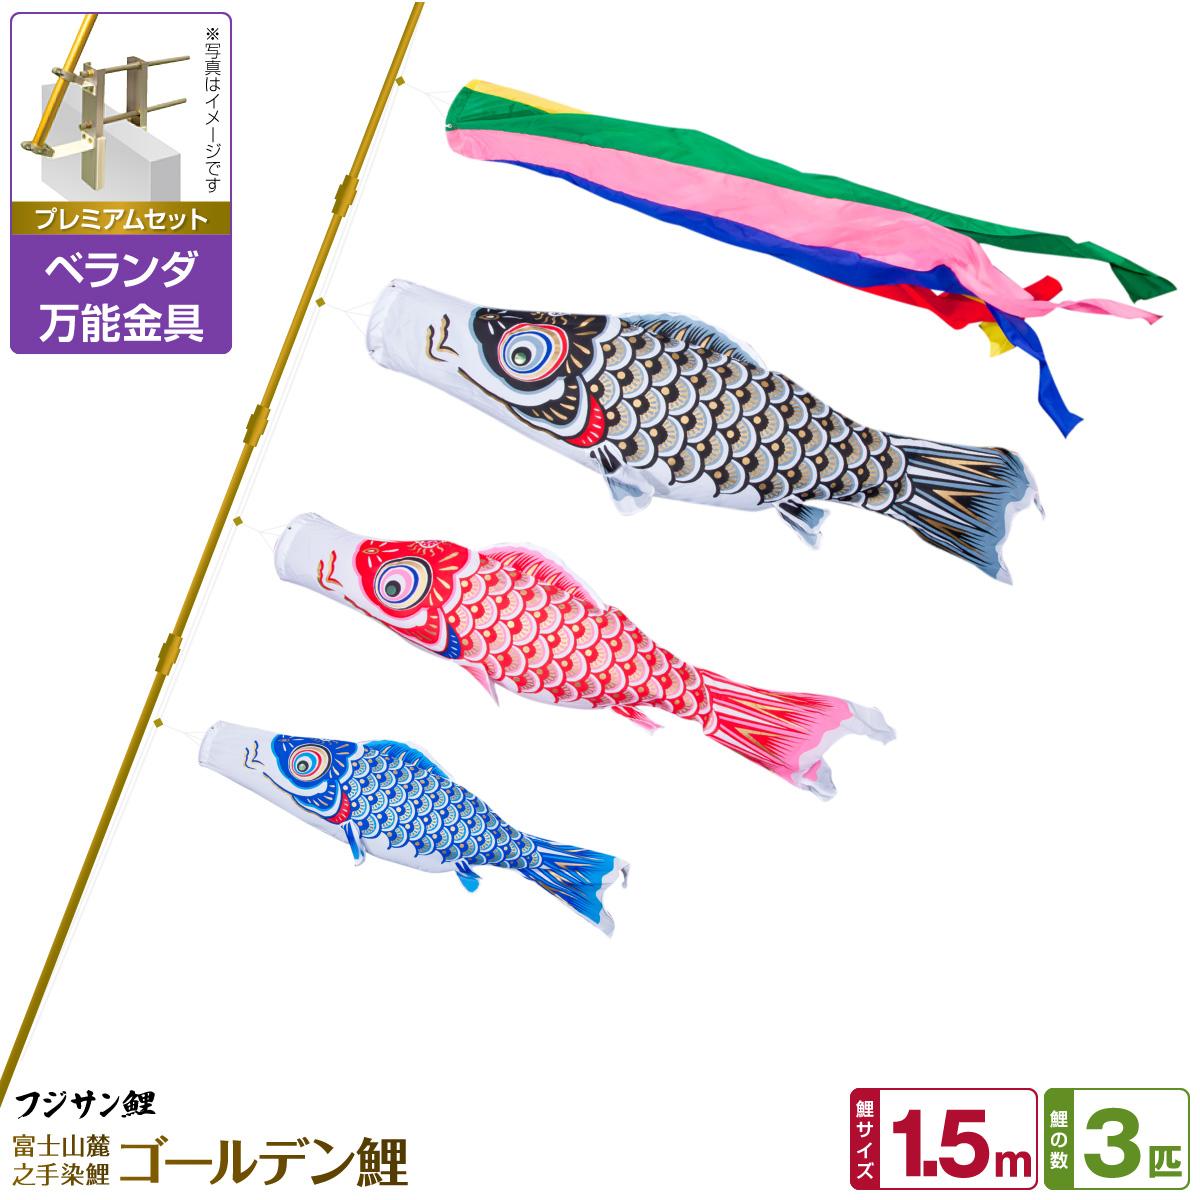 ベランダ用 こいのぼり 鯉のぼり フジサン鯉 ゴールデン鯉 1.5m 6点(吹流し+鯉3匹+矢車+ロープ)/プレミアムセット(万能取付金具)